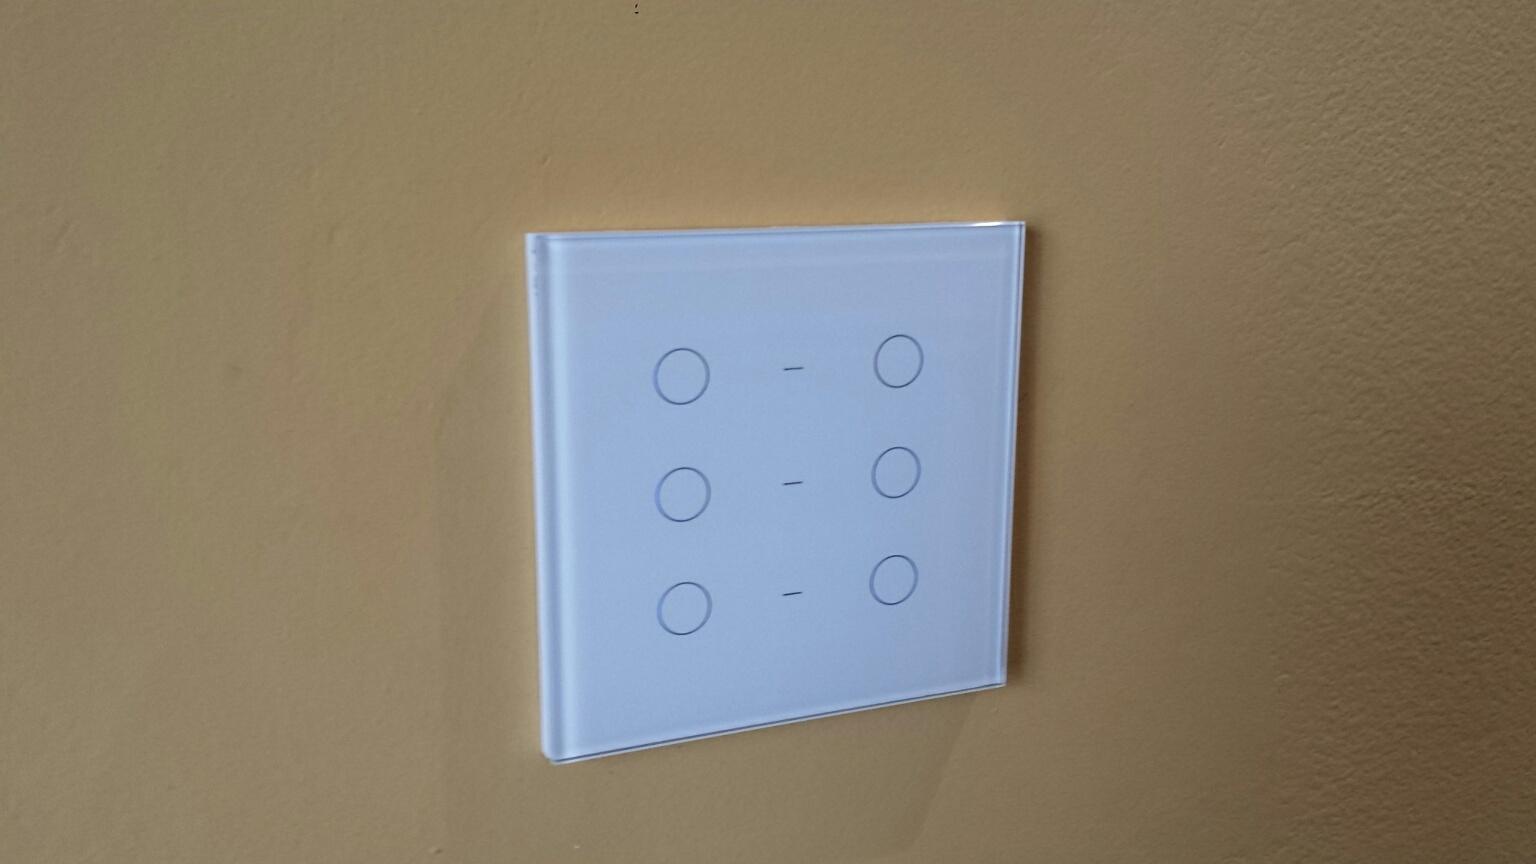 Automação Residencial em sala de reunião - Controle de Iluminaçãoe Som Ambiente